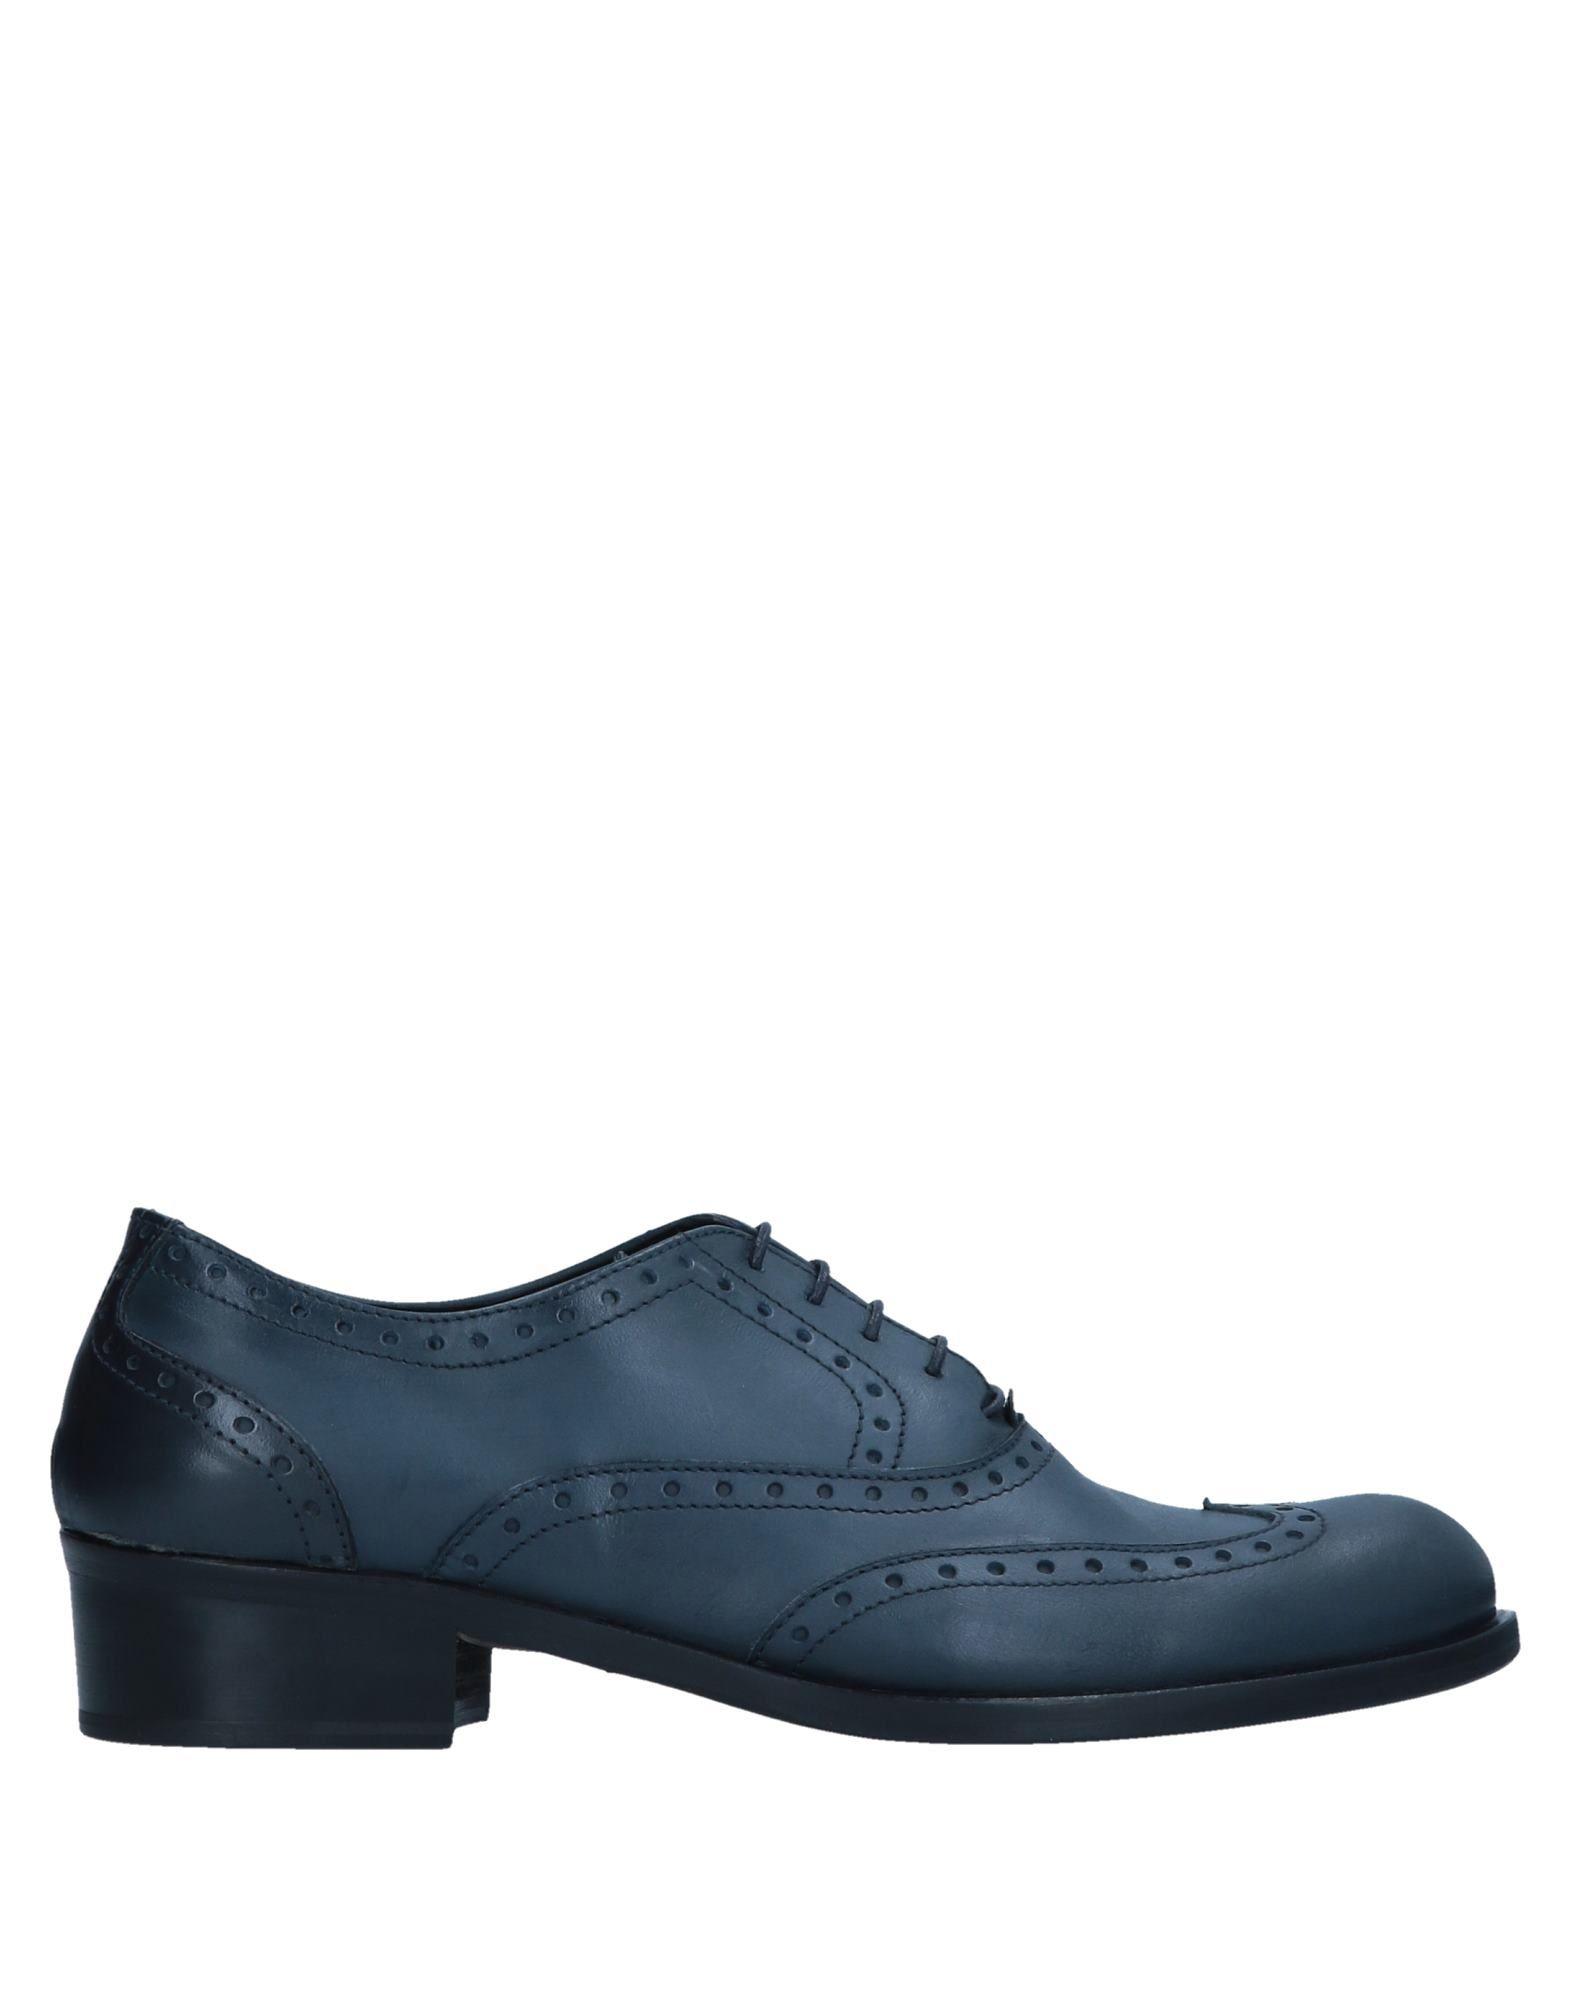 Rabatt Schuhe  Gianfranco Lattanzi Schnürschuhe Damen  Schuhe 11551227WX 6080c6